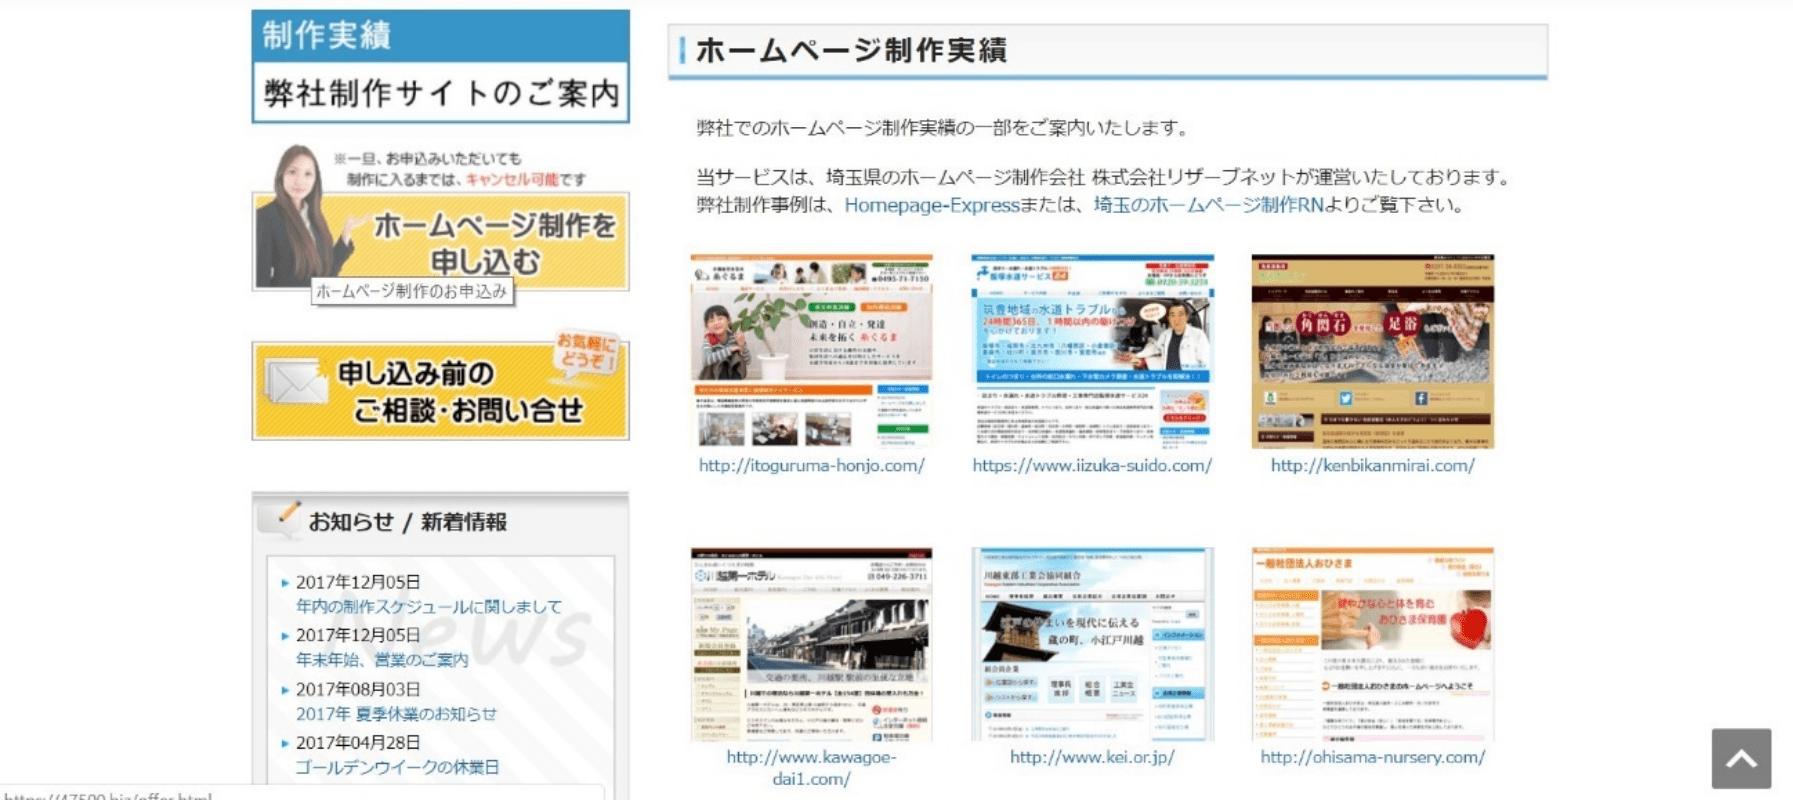 ホームページエクスプレス②(3)